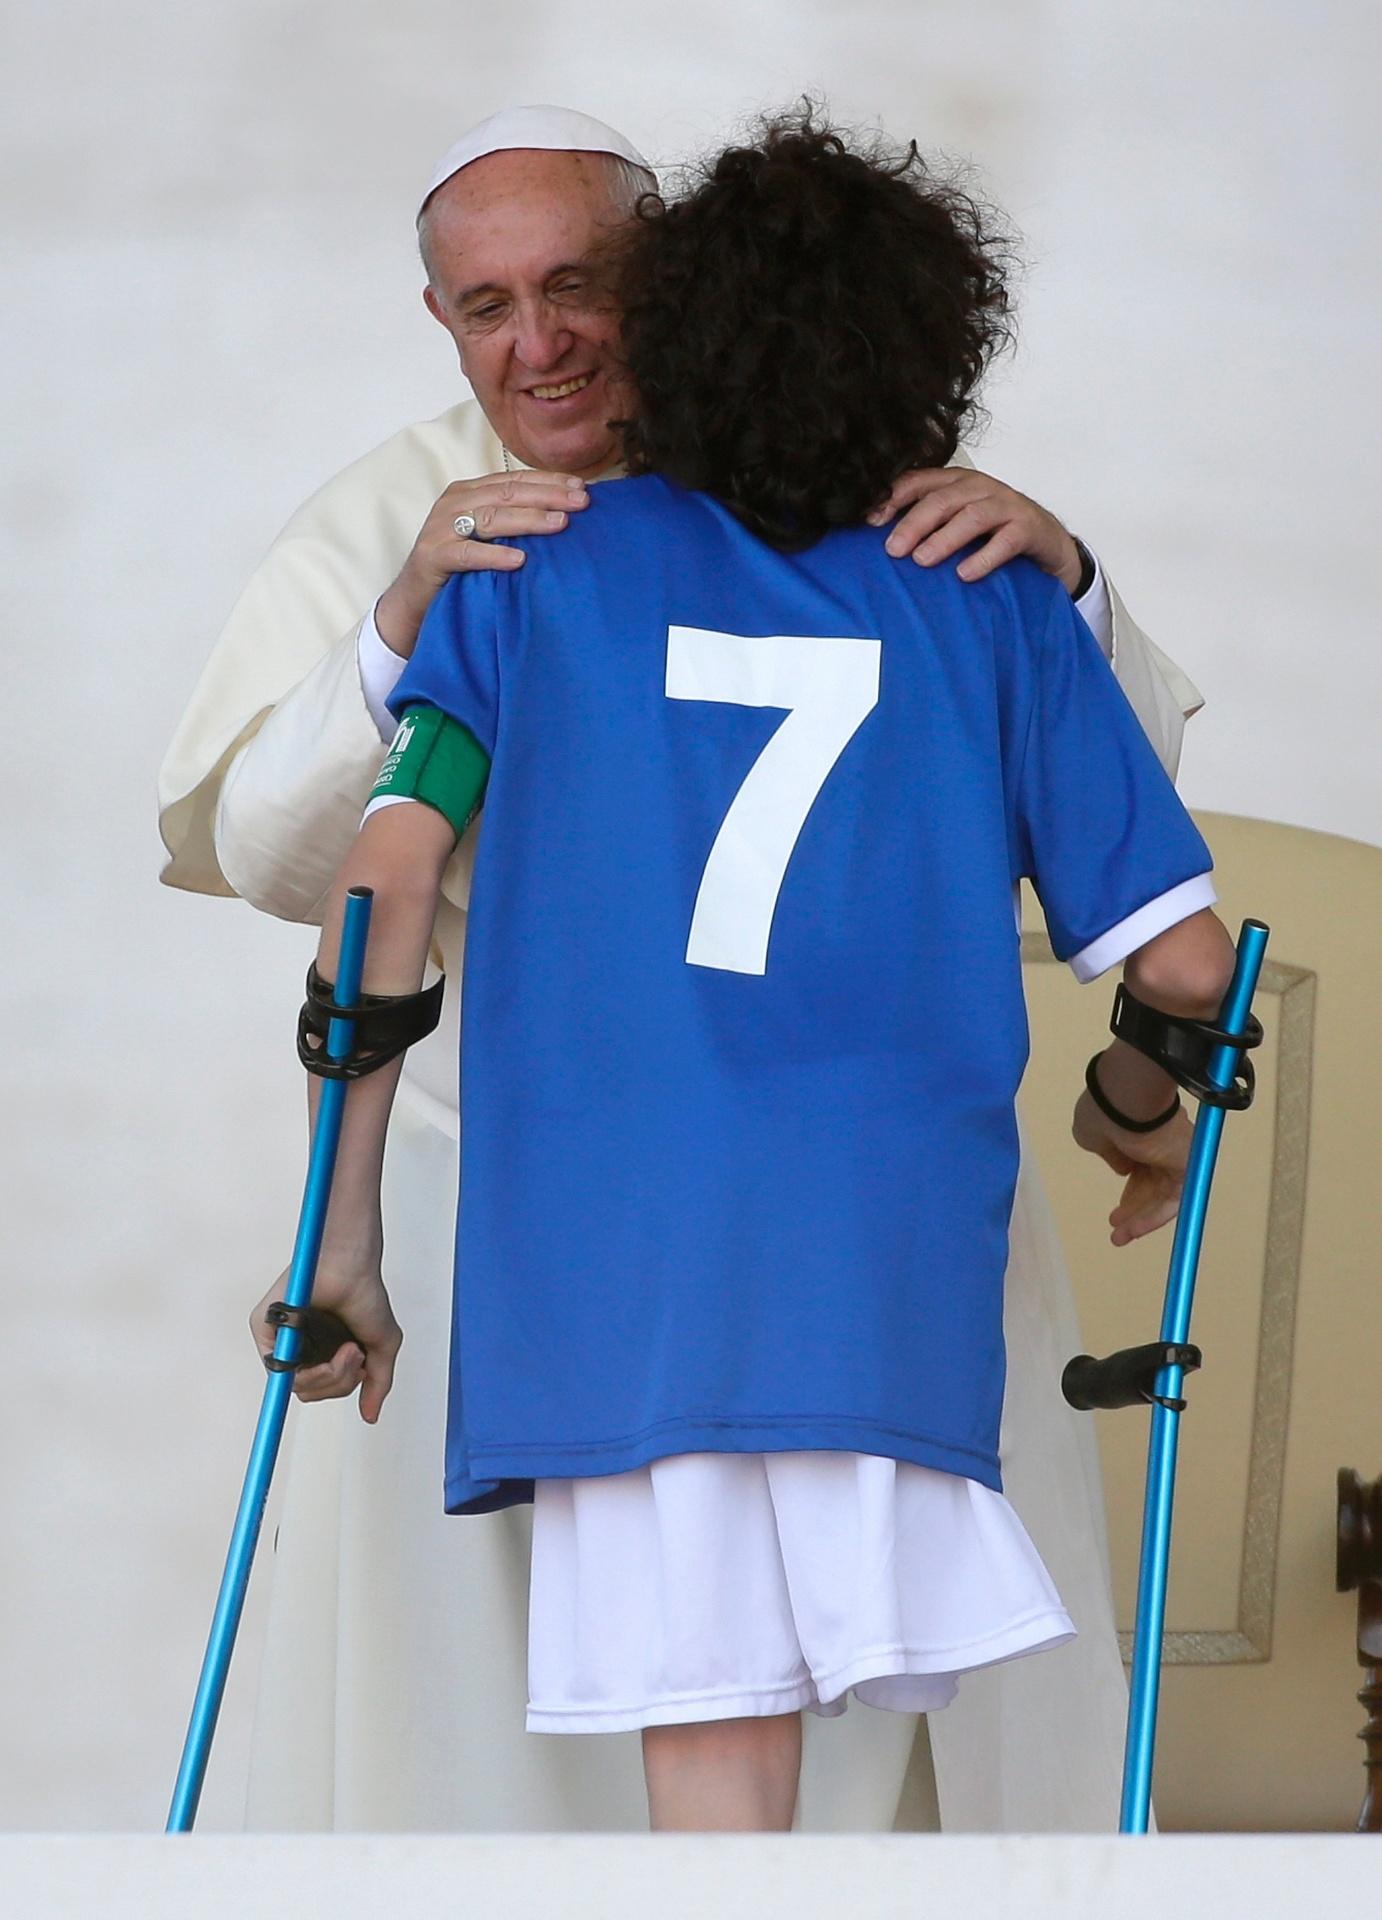 7.jun.2014 - Um membro do time nacional de futebol de amputados da Itália é abraçado pelo papa Francisco durante audiência especial para integrantes do CSI (Centro Italiano de Esportes), na praça de São Pedro, no Vaticano, neste sábado (7)